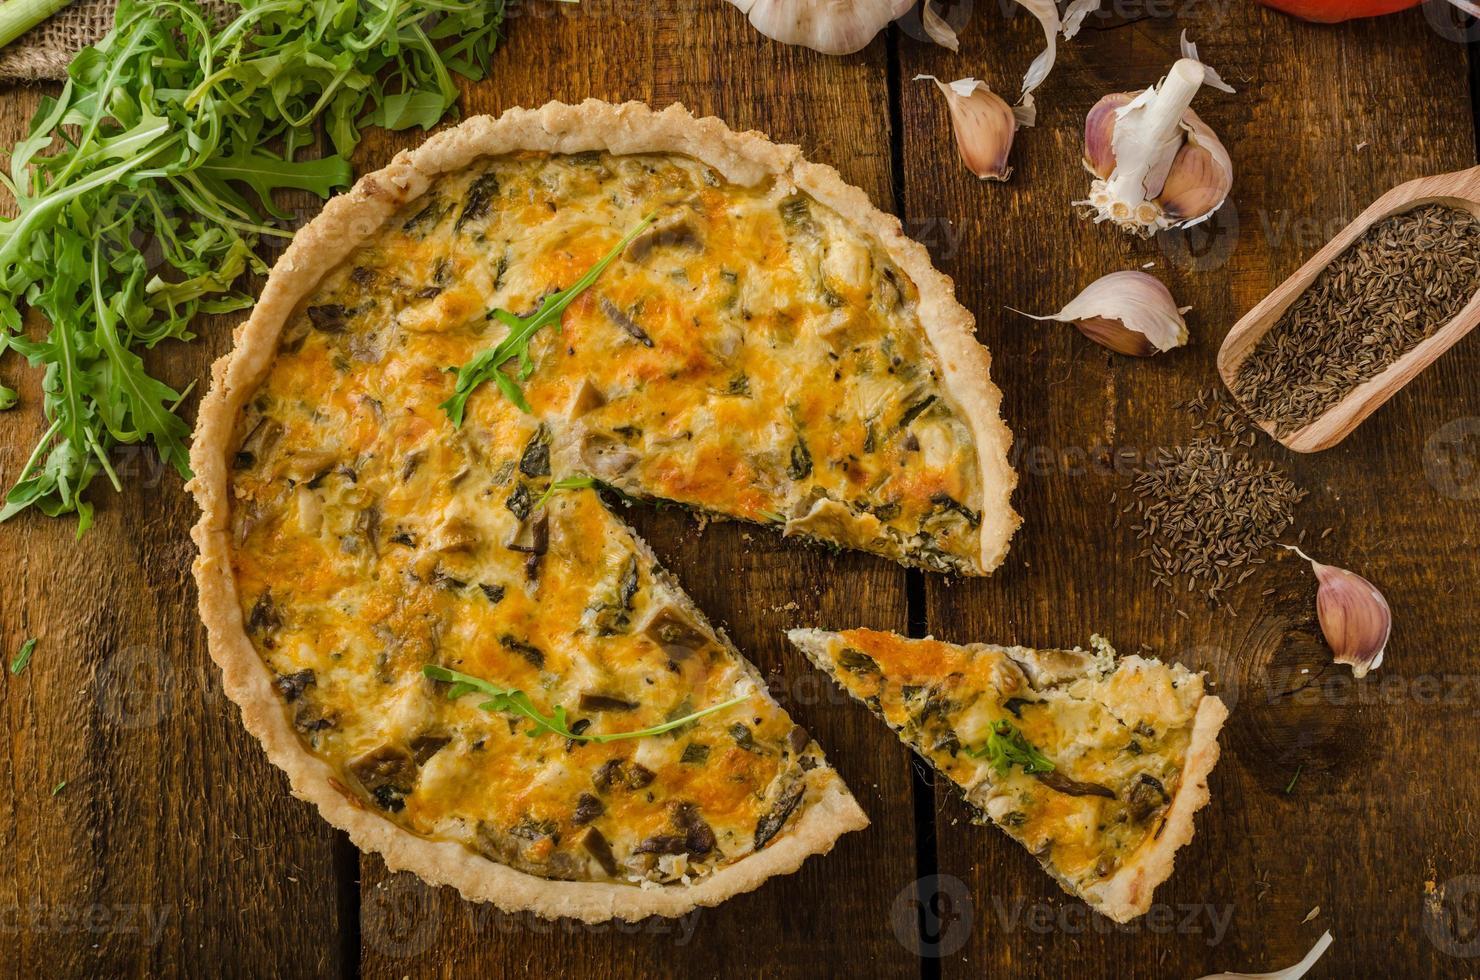 quiche au fromage avec poulet, roquette et champignons photo